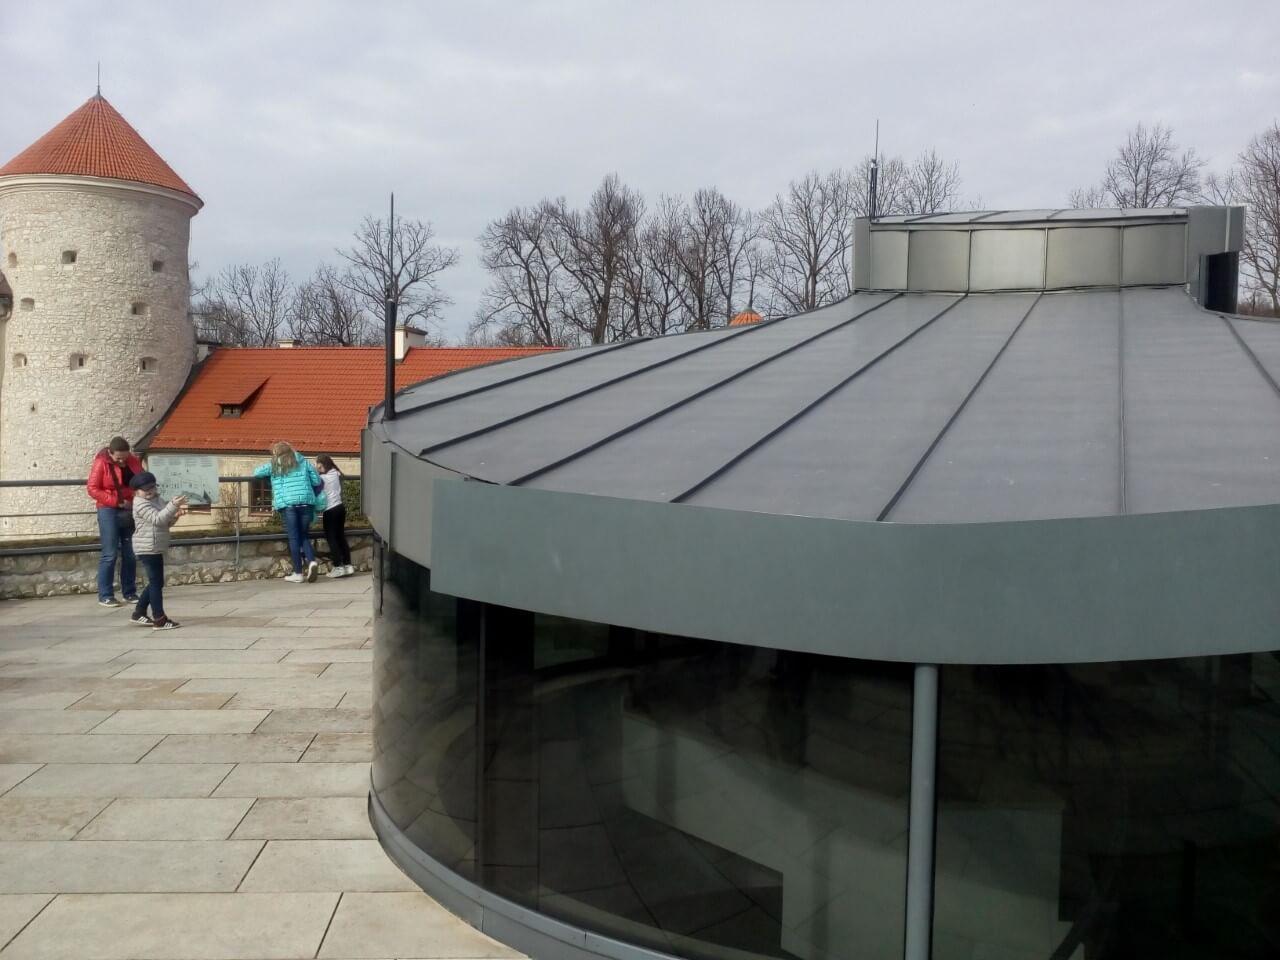 Maszt odgromowy izolowany z wysokonapięciowym przewodem odprowadzajacym mocowany do konstrukcji pawilonu na tarasie widokowym.